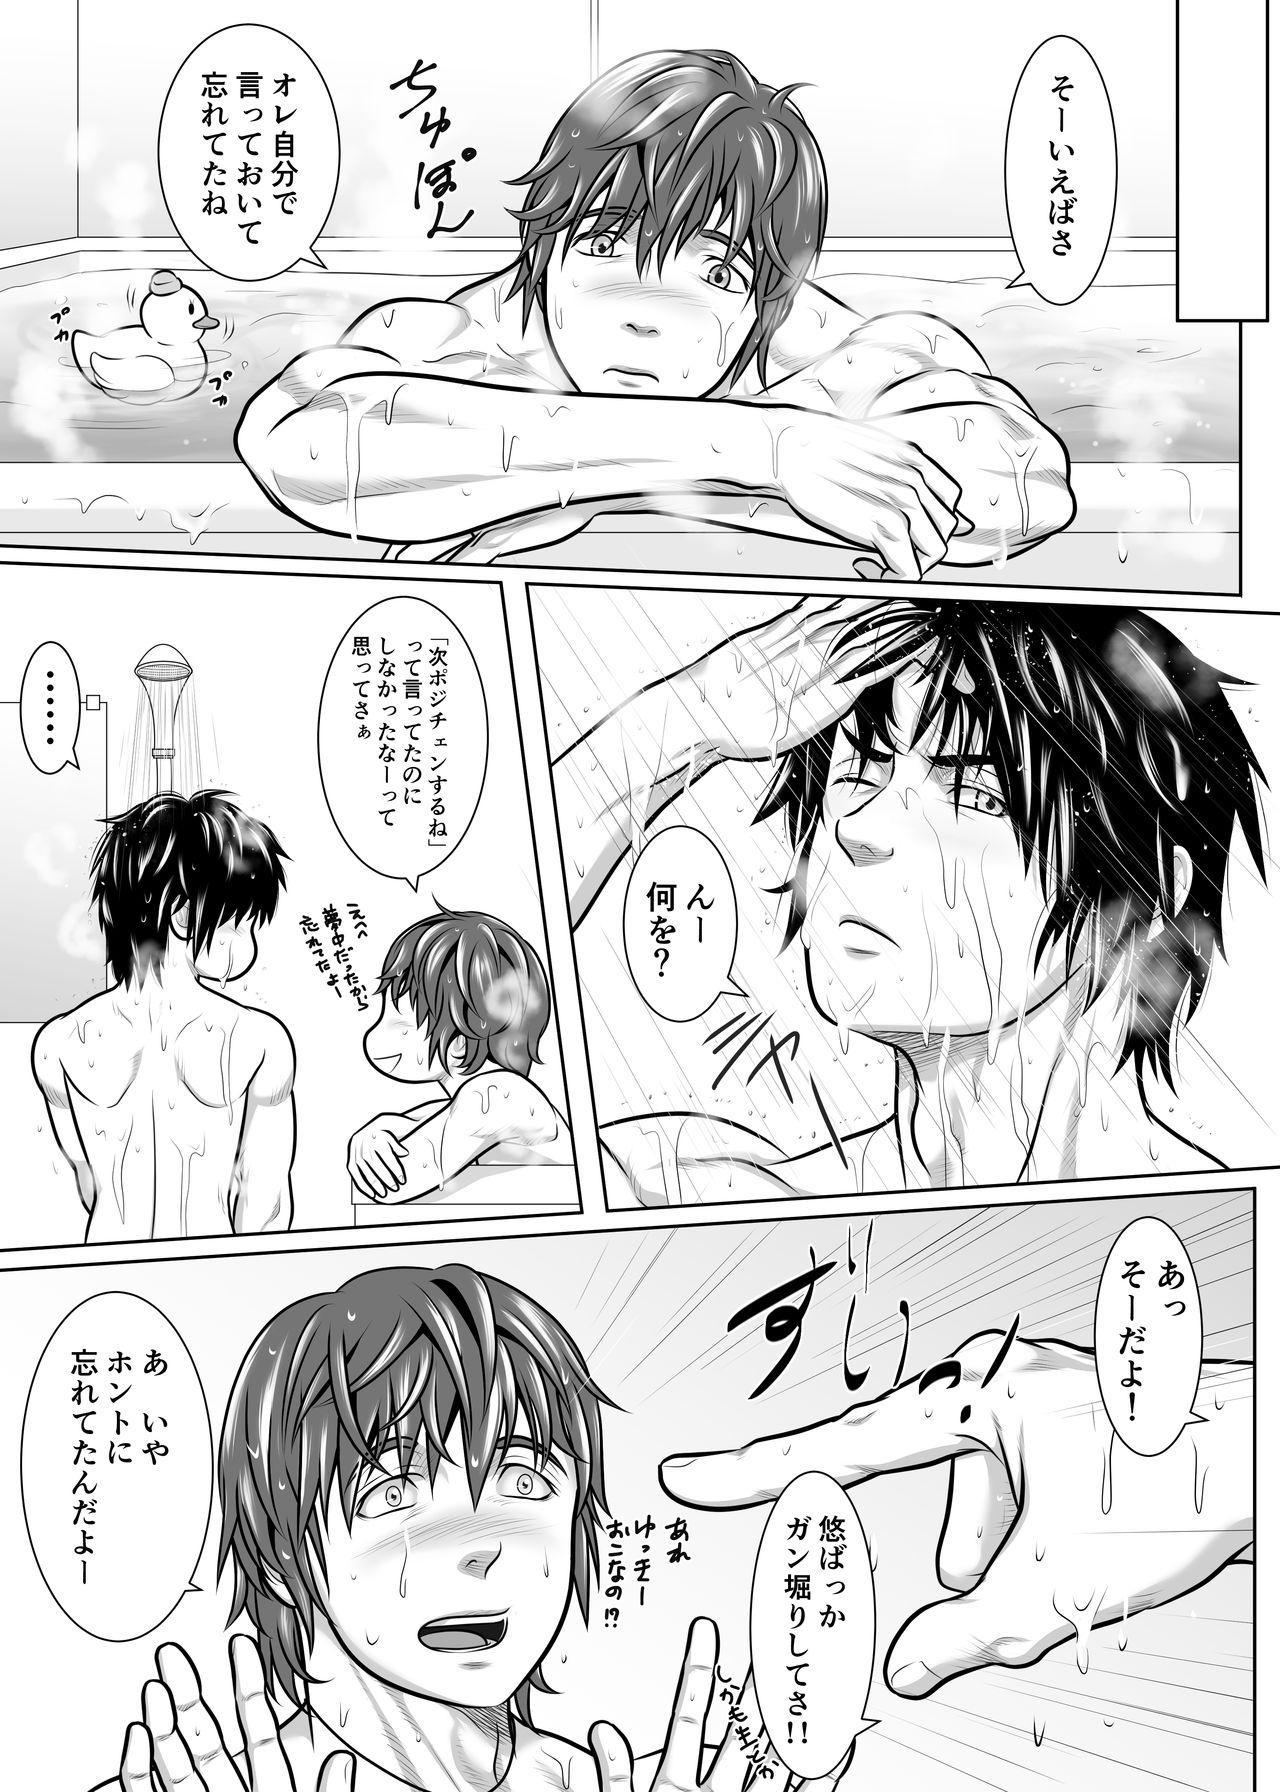 Y + Y = Fuel !! ~Makichichi Hen of summer~ 28